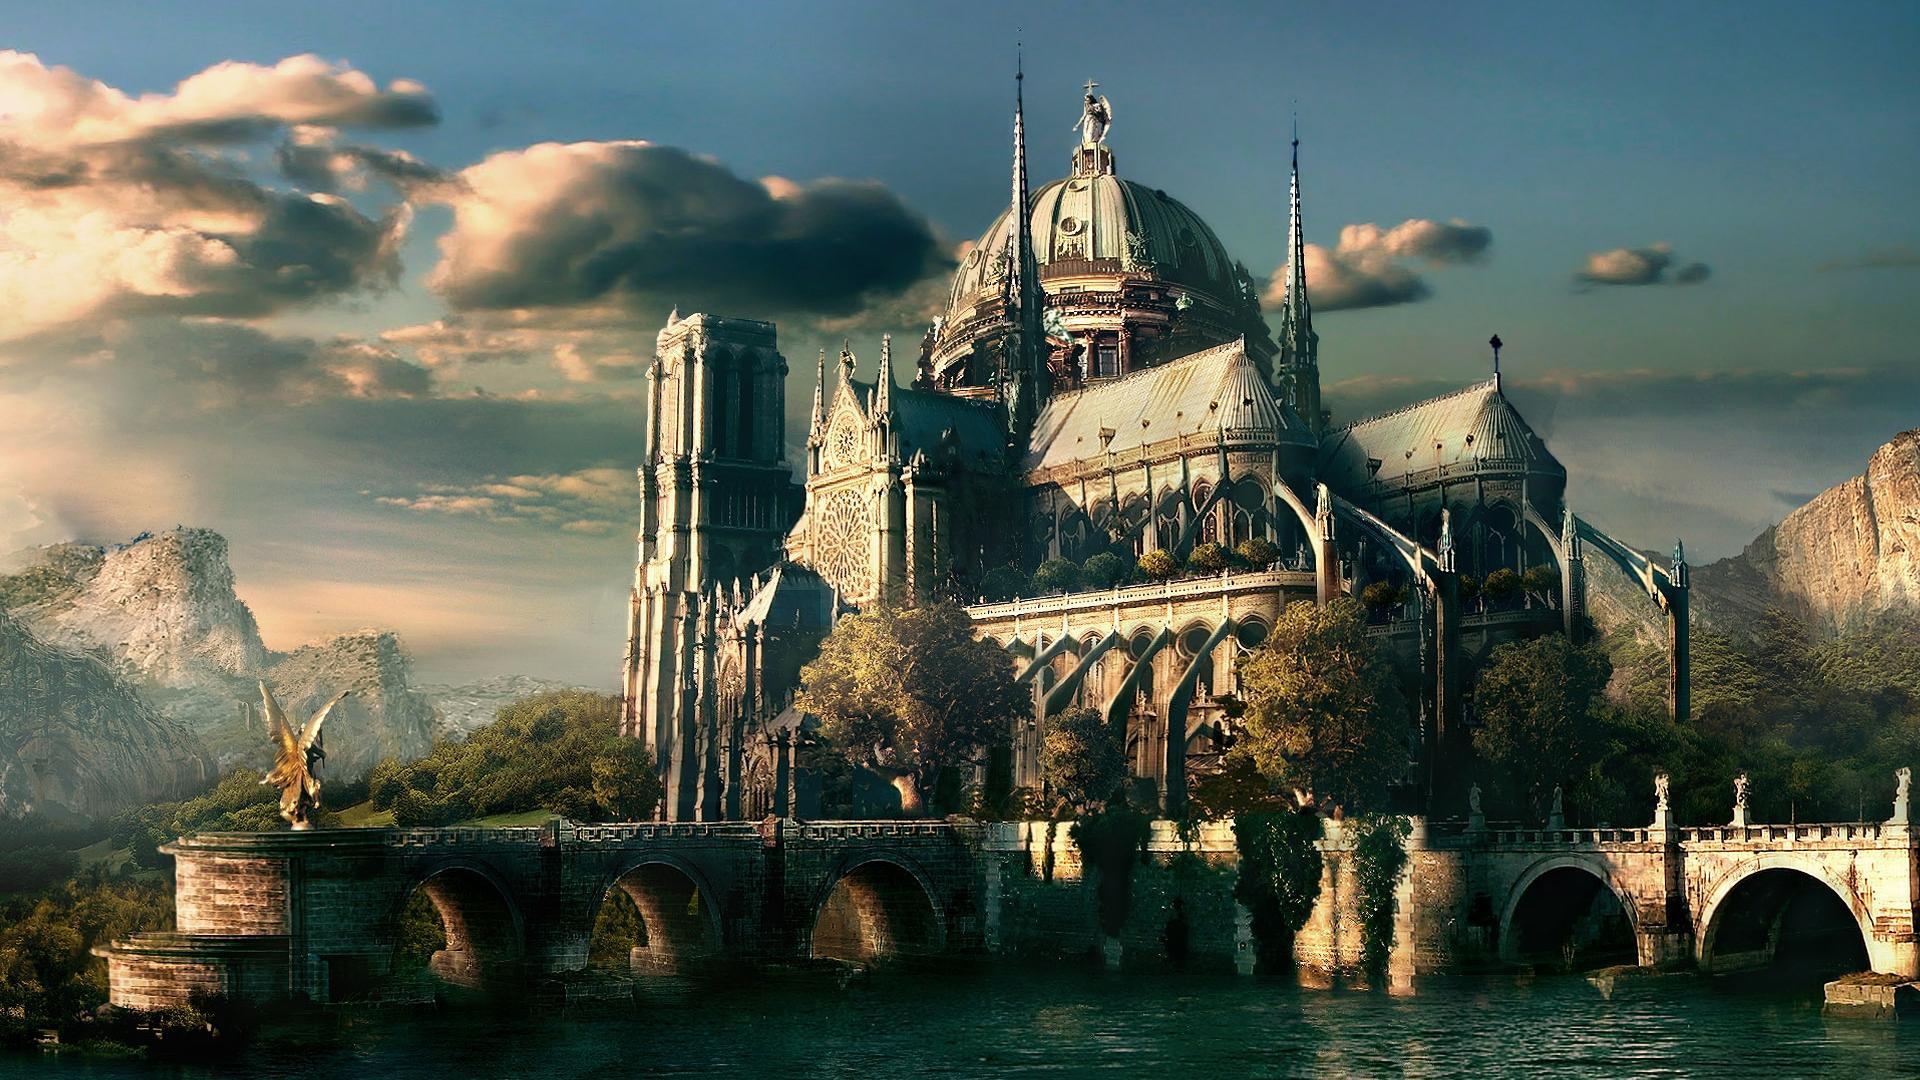 Одним из наименее известных замков Закарпатья, который сегодня считается скорее мифическим, чем реальным, является «Шашвар», который расположен недалеко от современного закарпатского села Тростник.